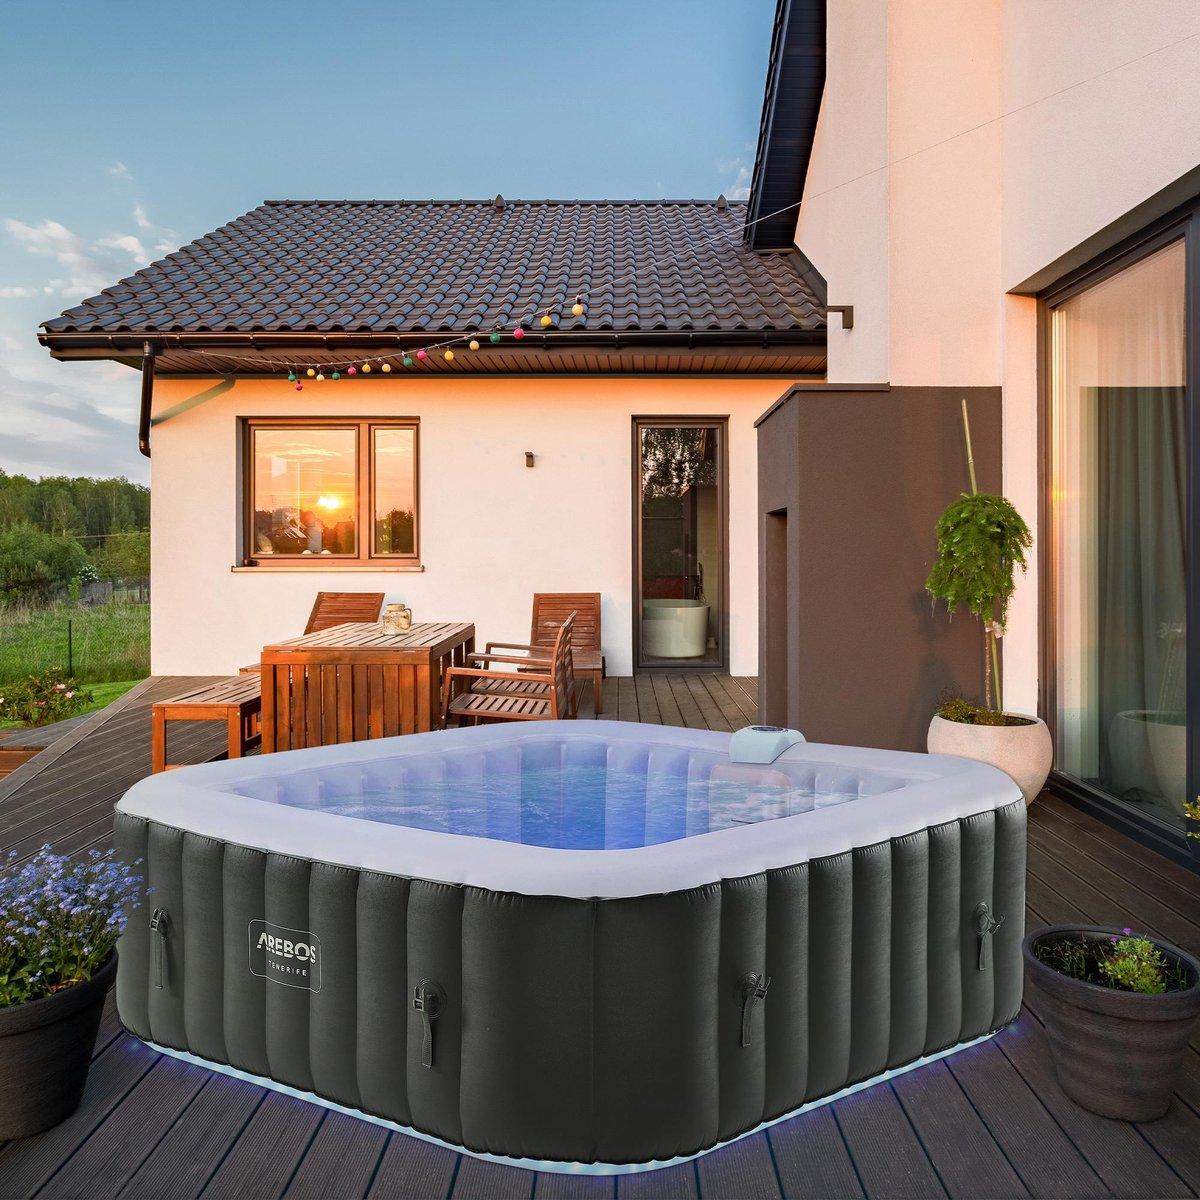 AREBOS en-outdoor Whirlpool Spa Zwembad vierkante opblaasbare massage met LED